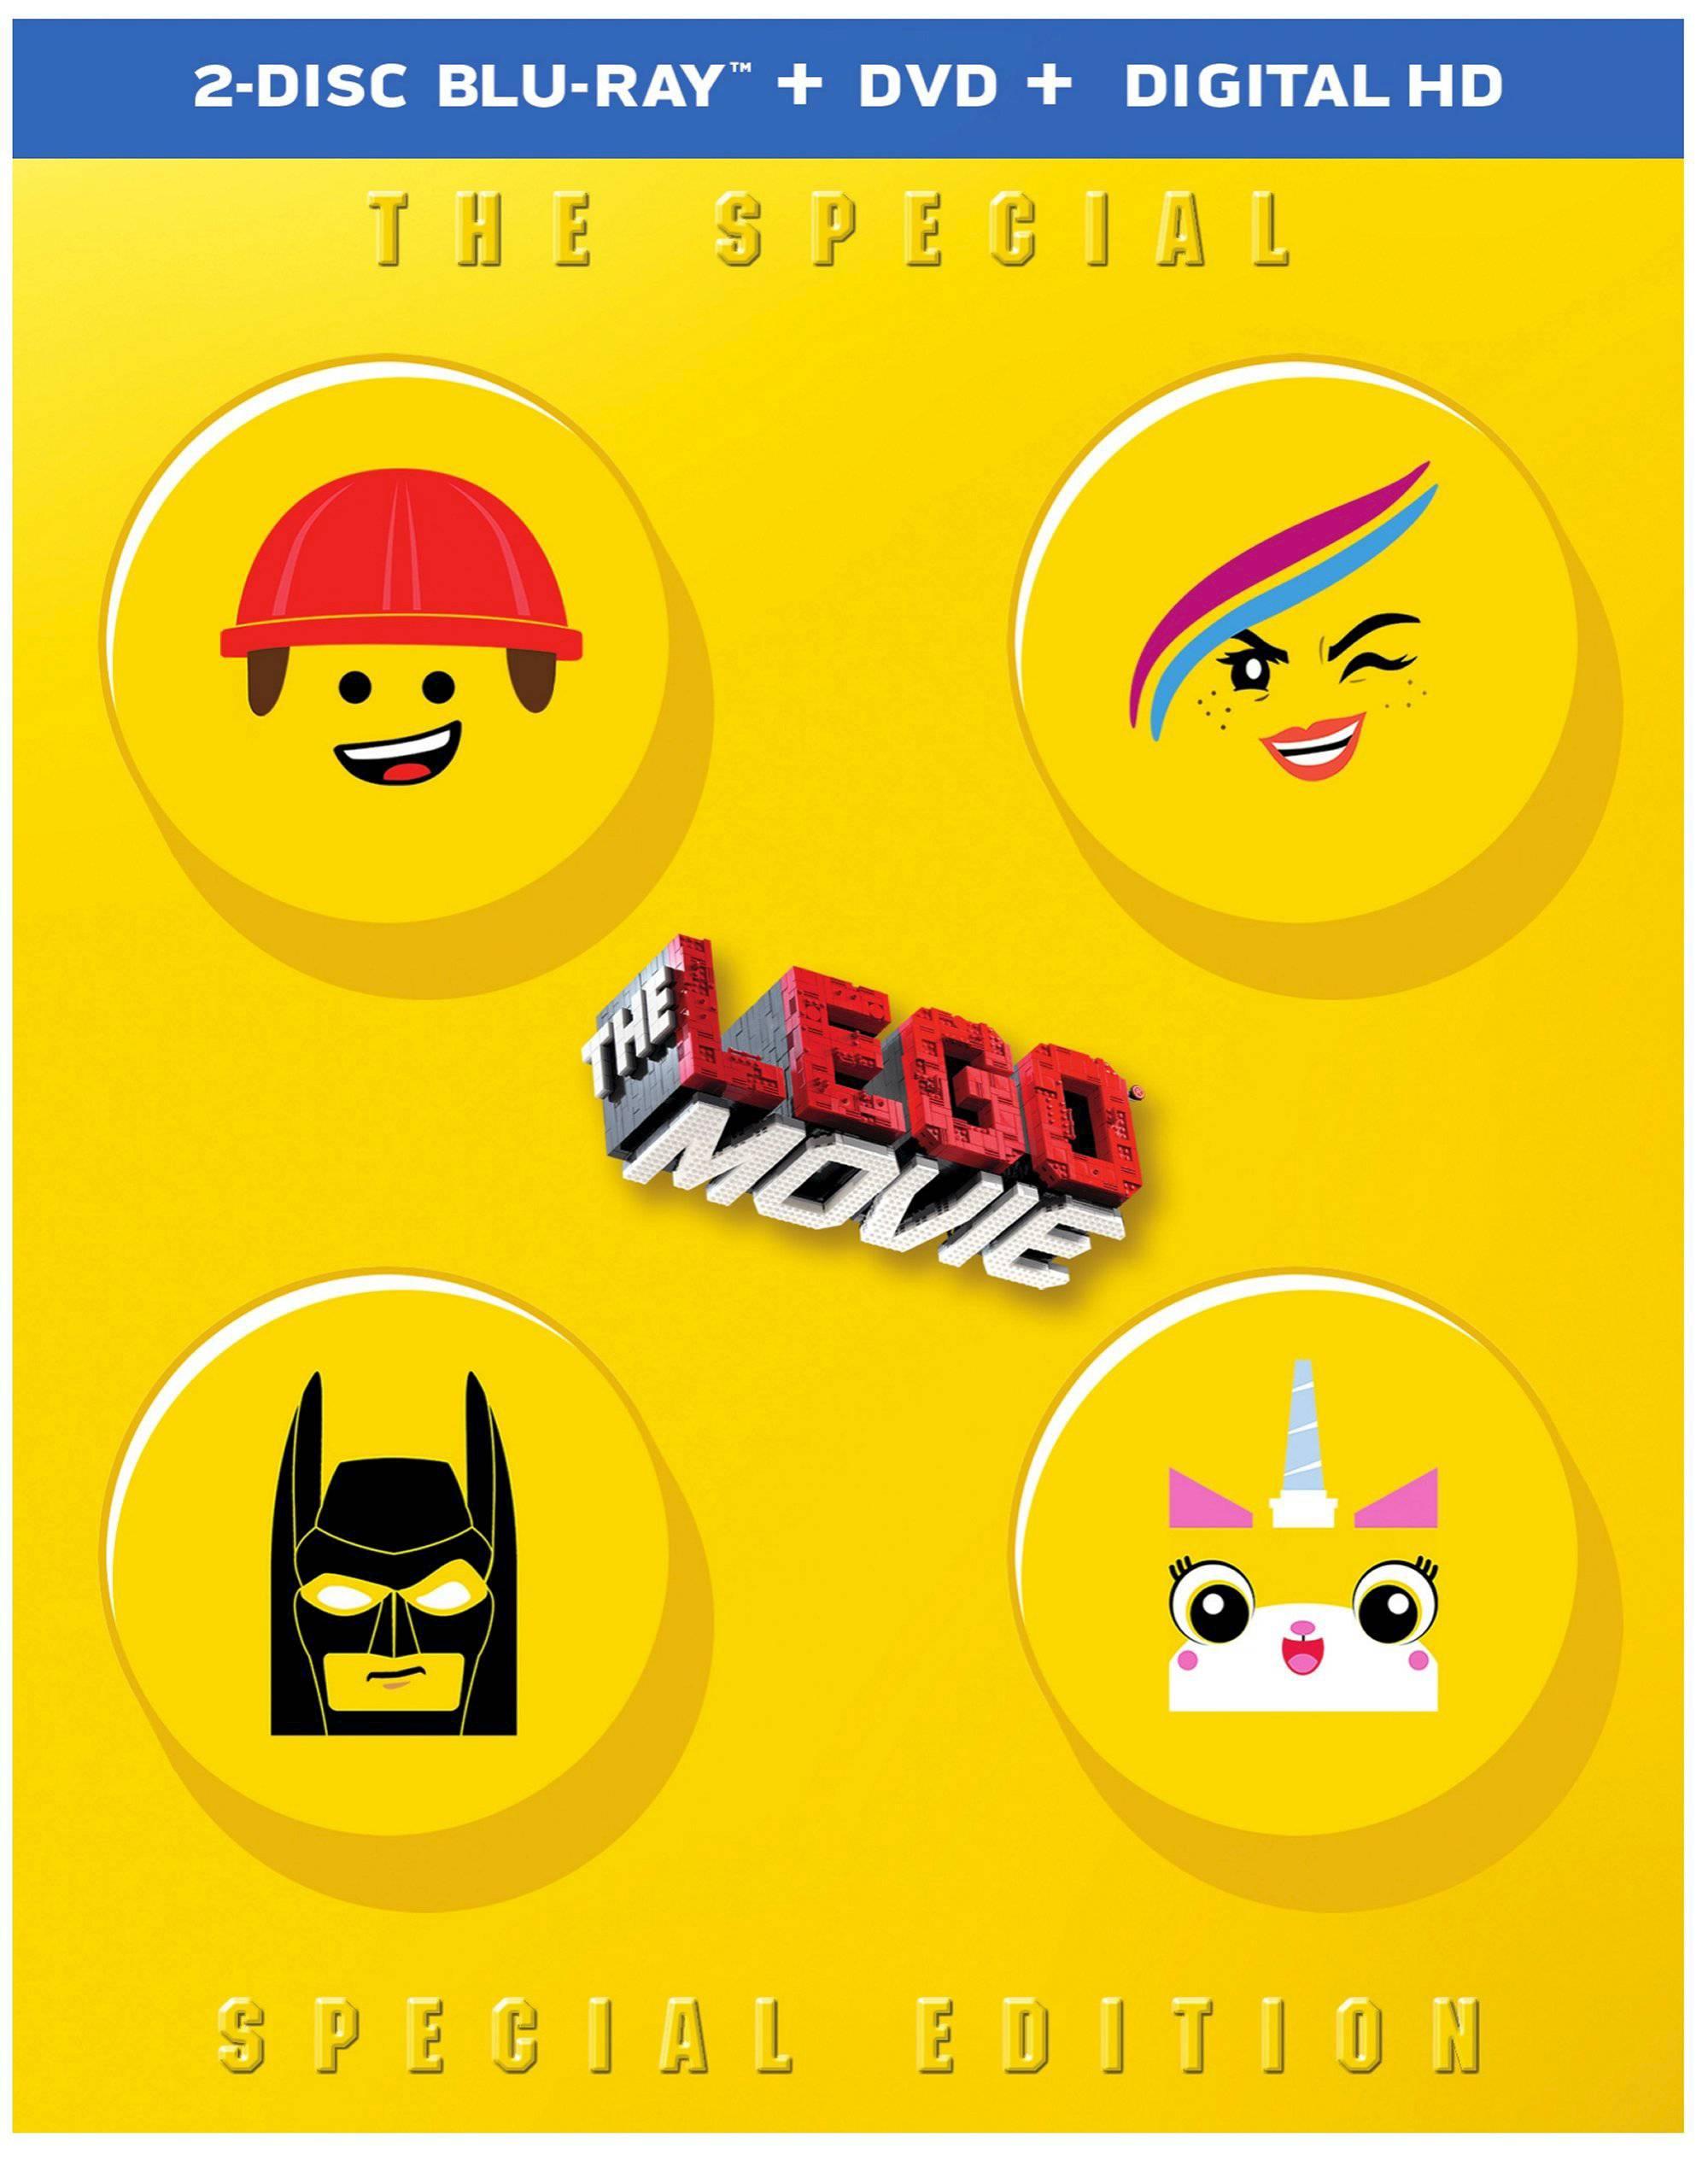 The Lego Movie (Blu-ray + DVD + Digital HD) $6 @ Target